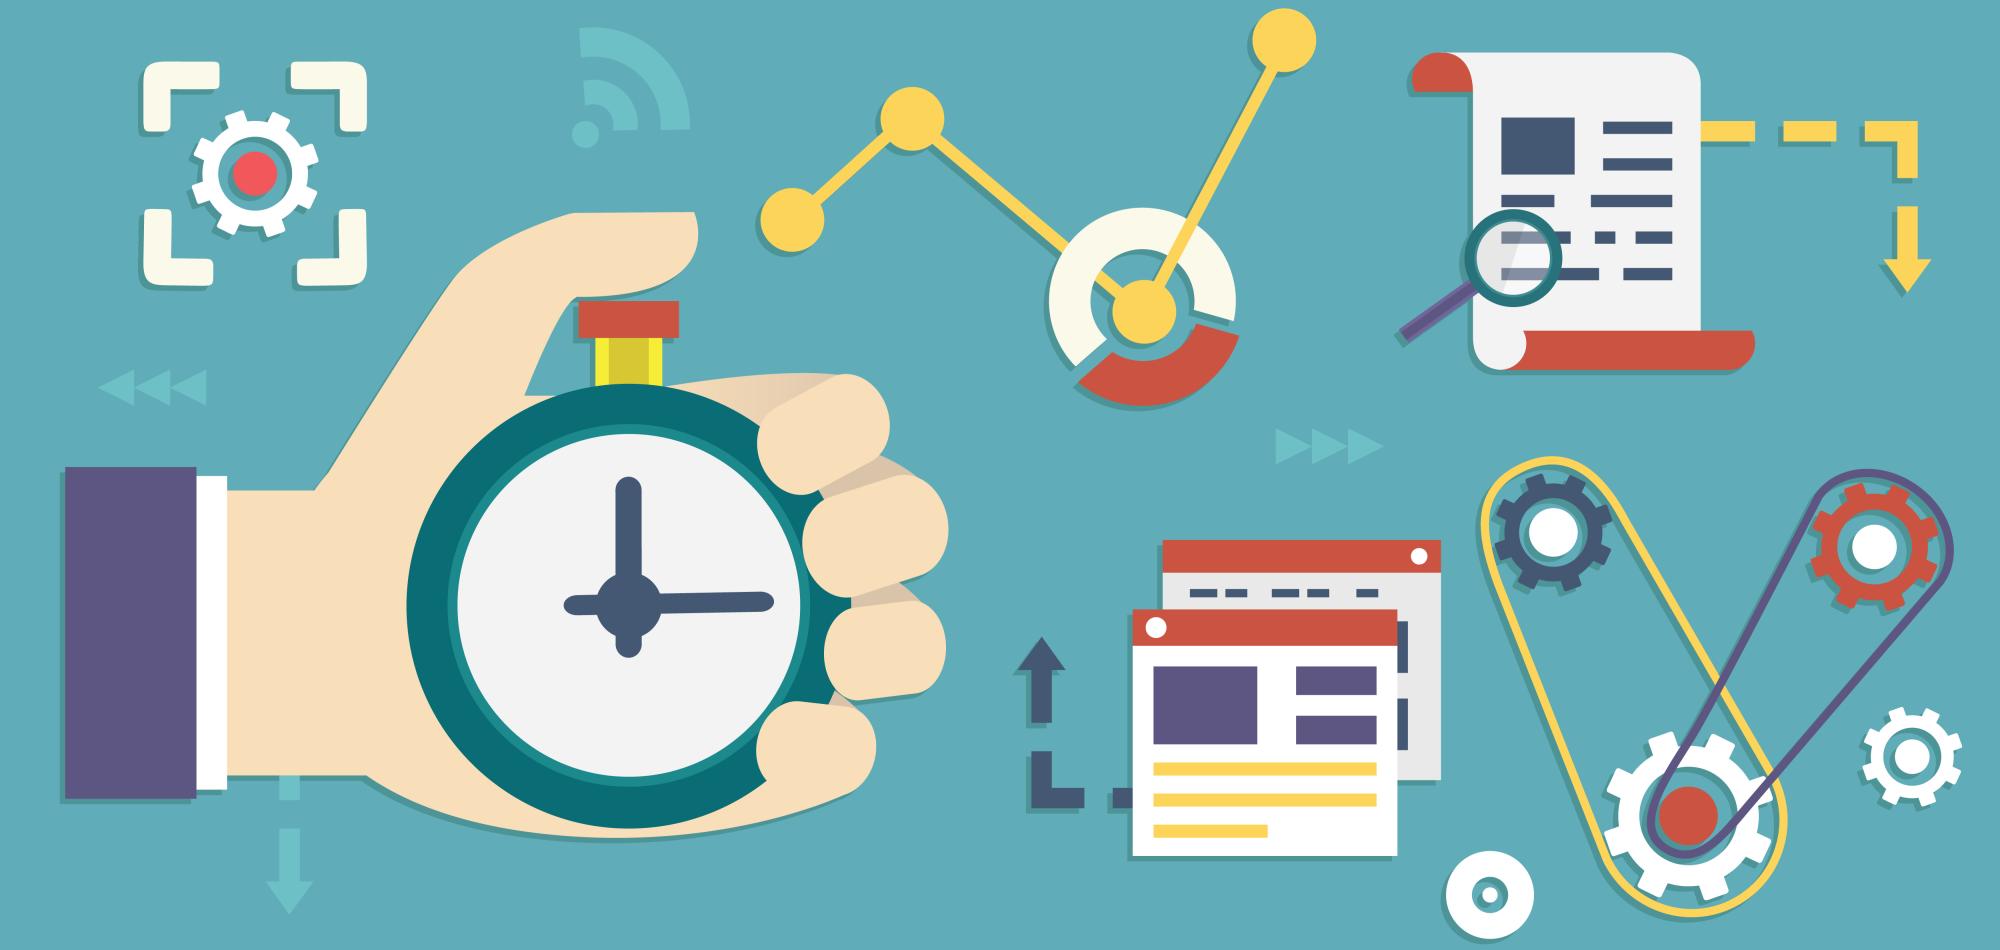 10 Tips de Productividad para lo que resta de 2016